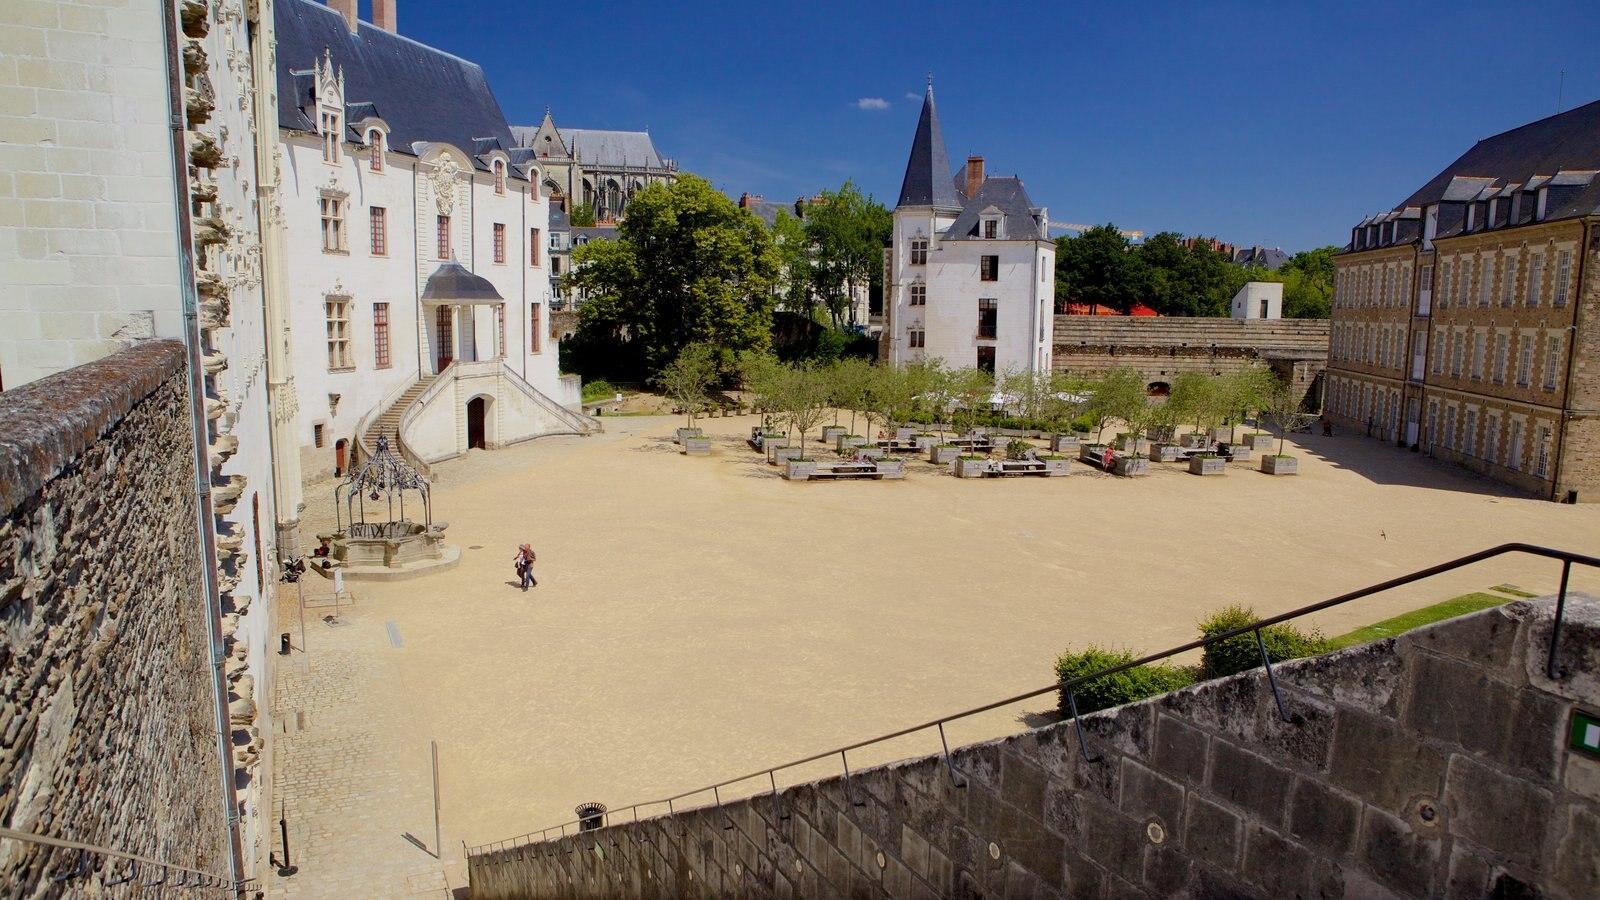 Nantes que inclui elementos de patrimônio